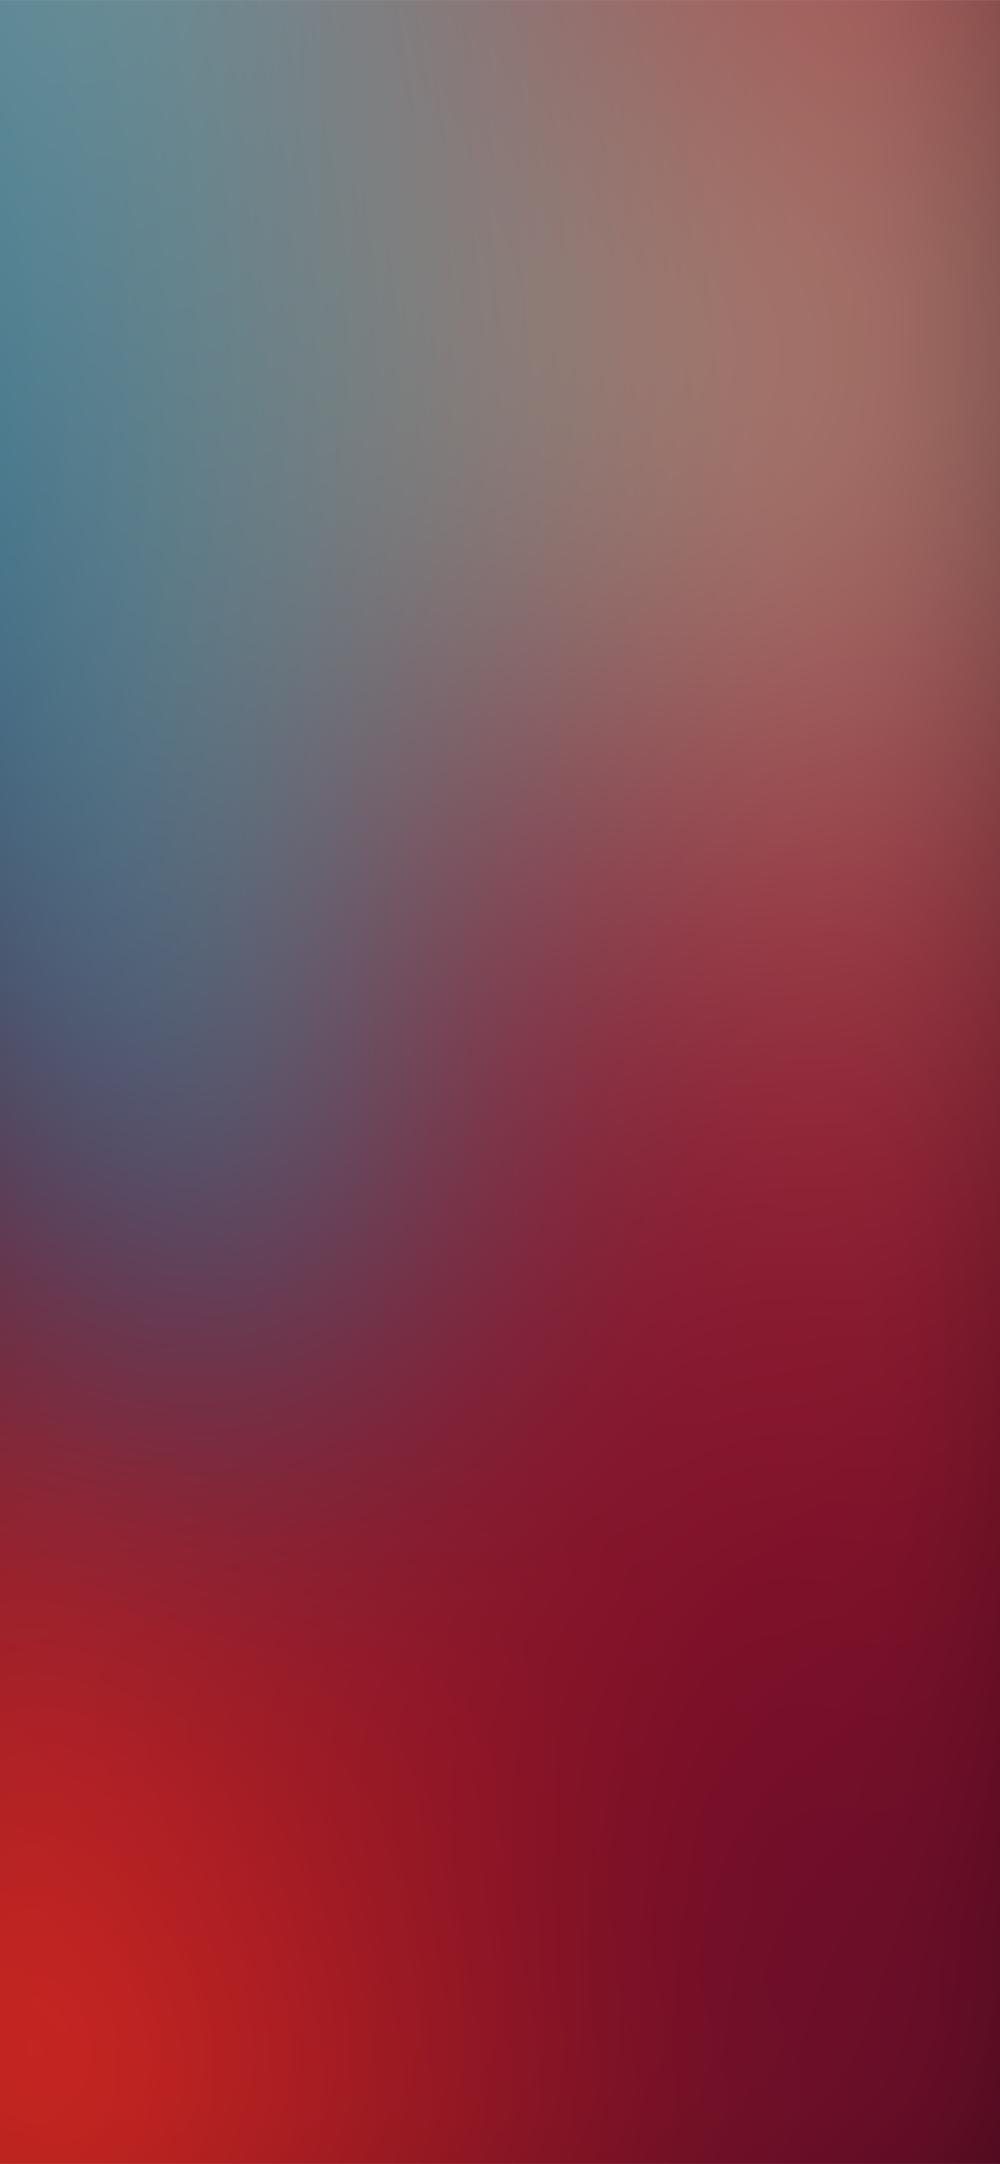 4k Resolution Iphone 11 Wallpaper Red Allwallpaper Iphone Fondos De Pantalla Ideas De Fondos De Pantalla Fondo De Pantalla Para El Telefono